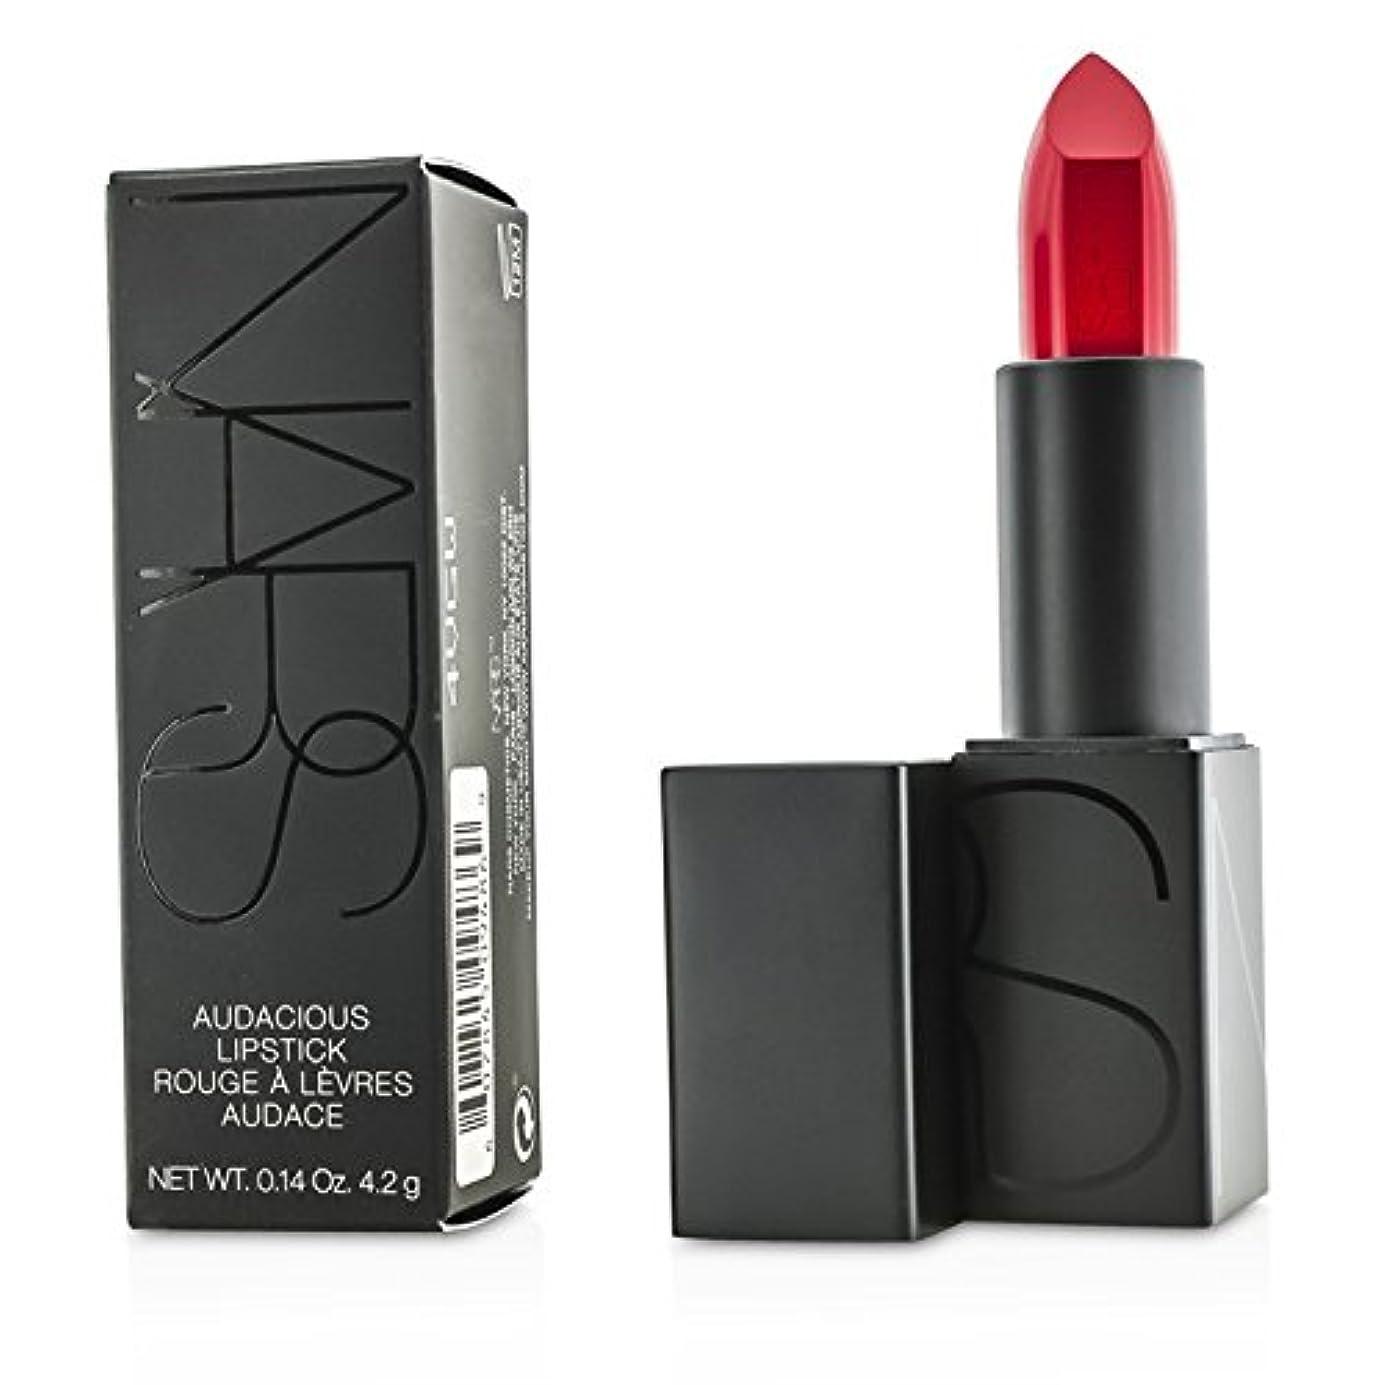 流暢中央値アルネナーズ Audacious Lipstick - Kelly 4.2g/0.14oz並行輸入品